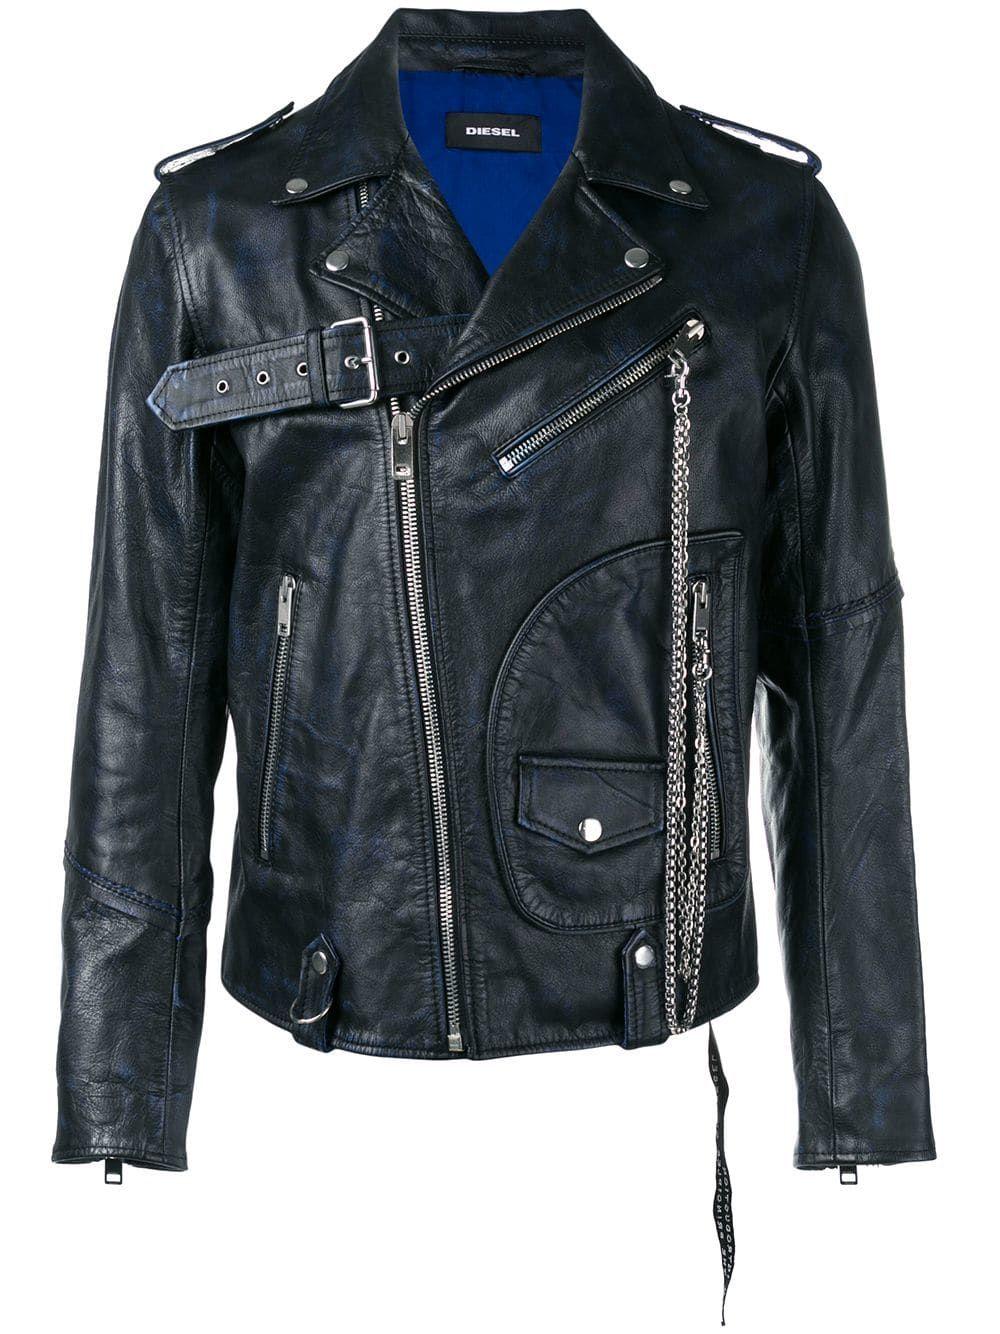 Diesel Leather Biker Jacket W Studs In 8cr Blu Modesens Jackets Men Fashion Jackets Casual Outerwear [ 1334 x 1000 Pixel ]